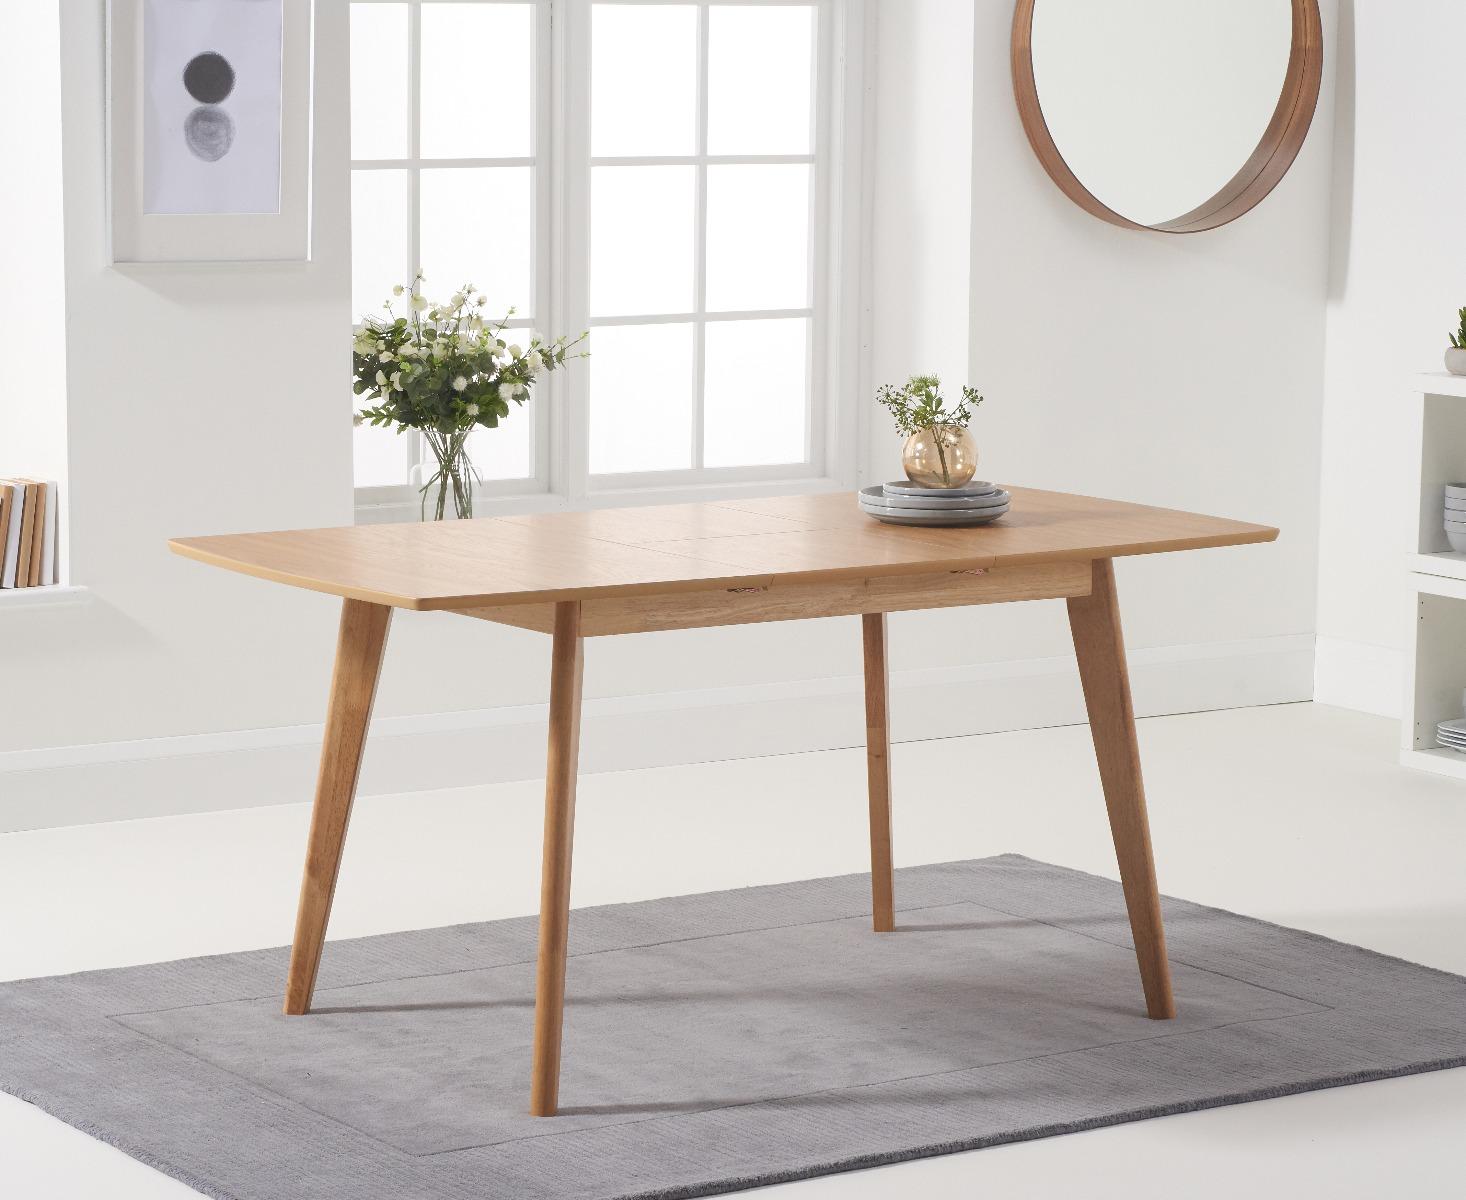 Sacha 120cm Oak Extending Dining Table